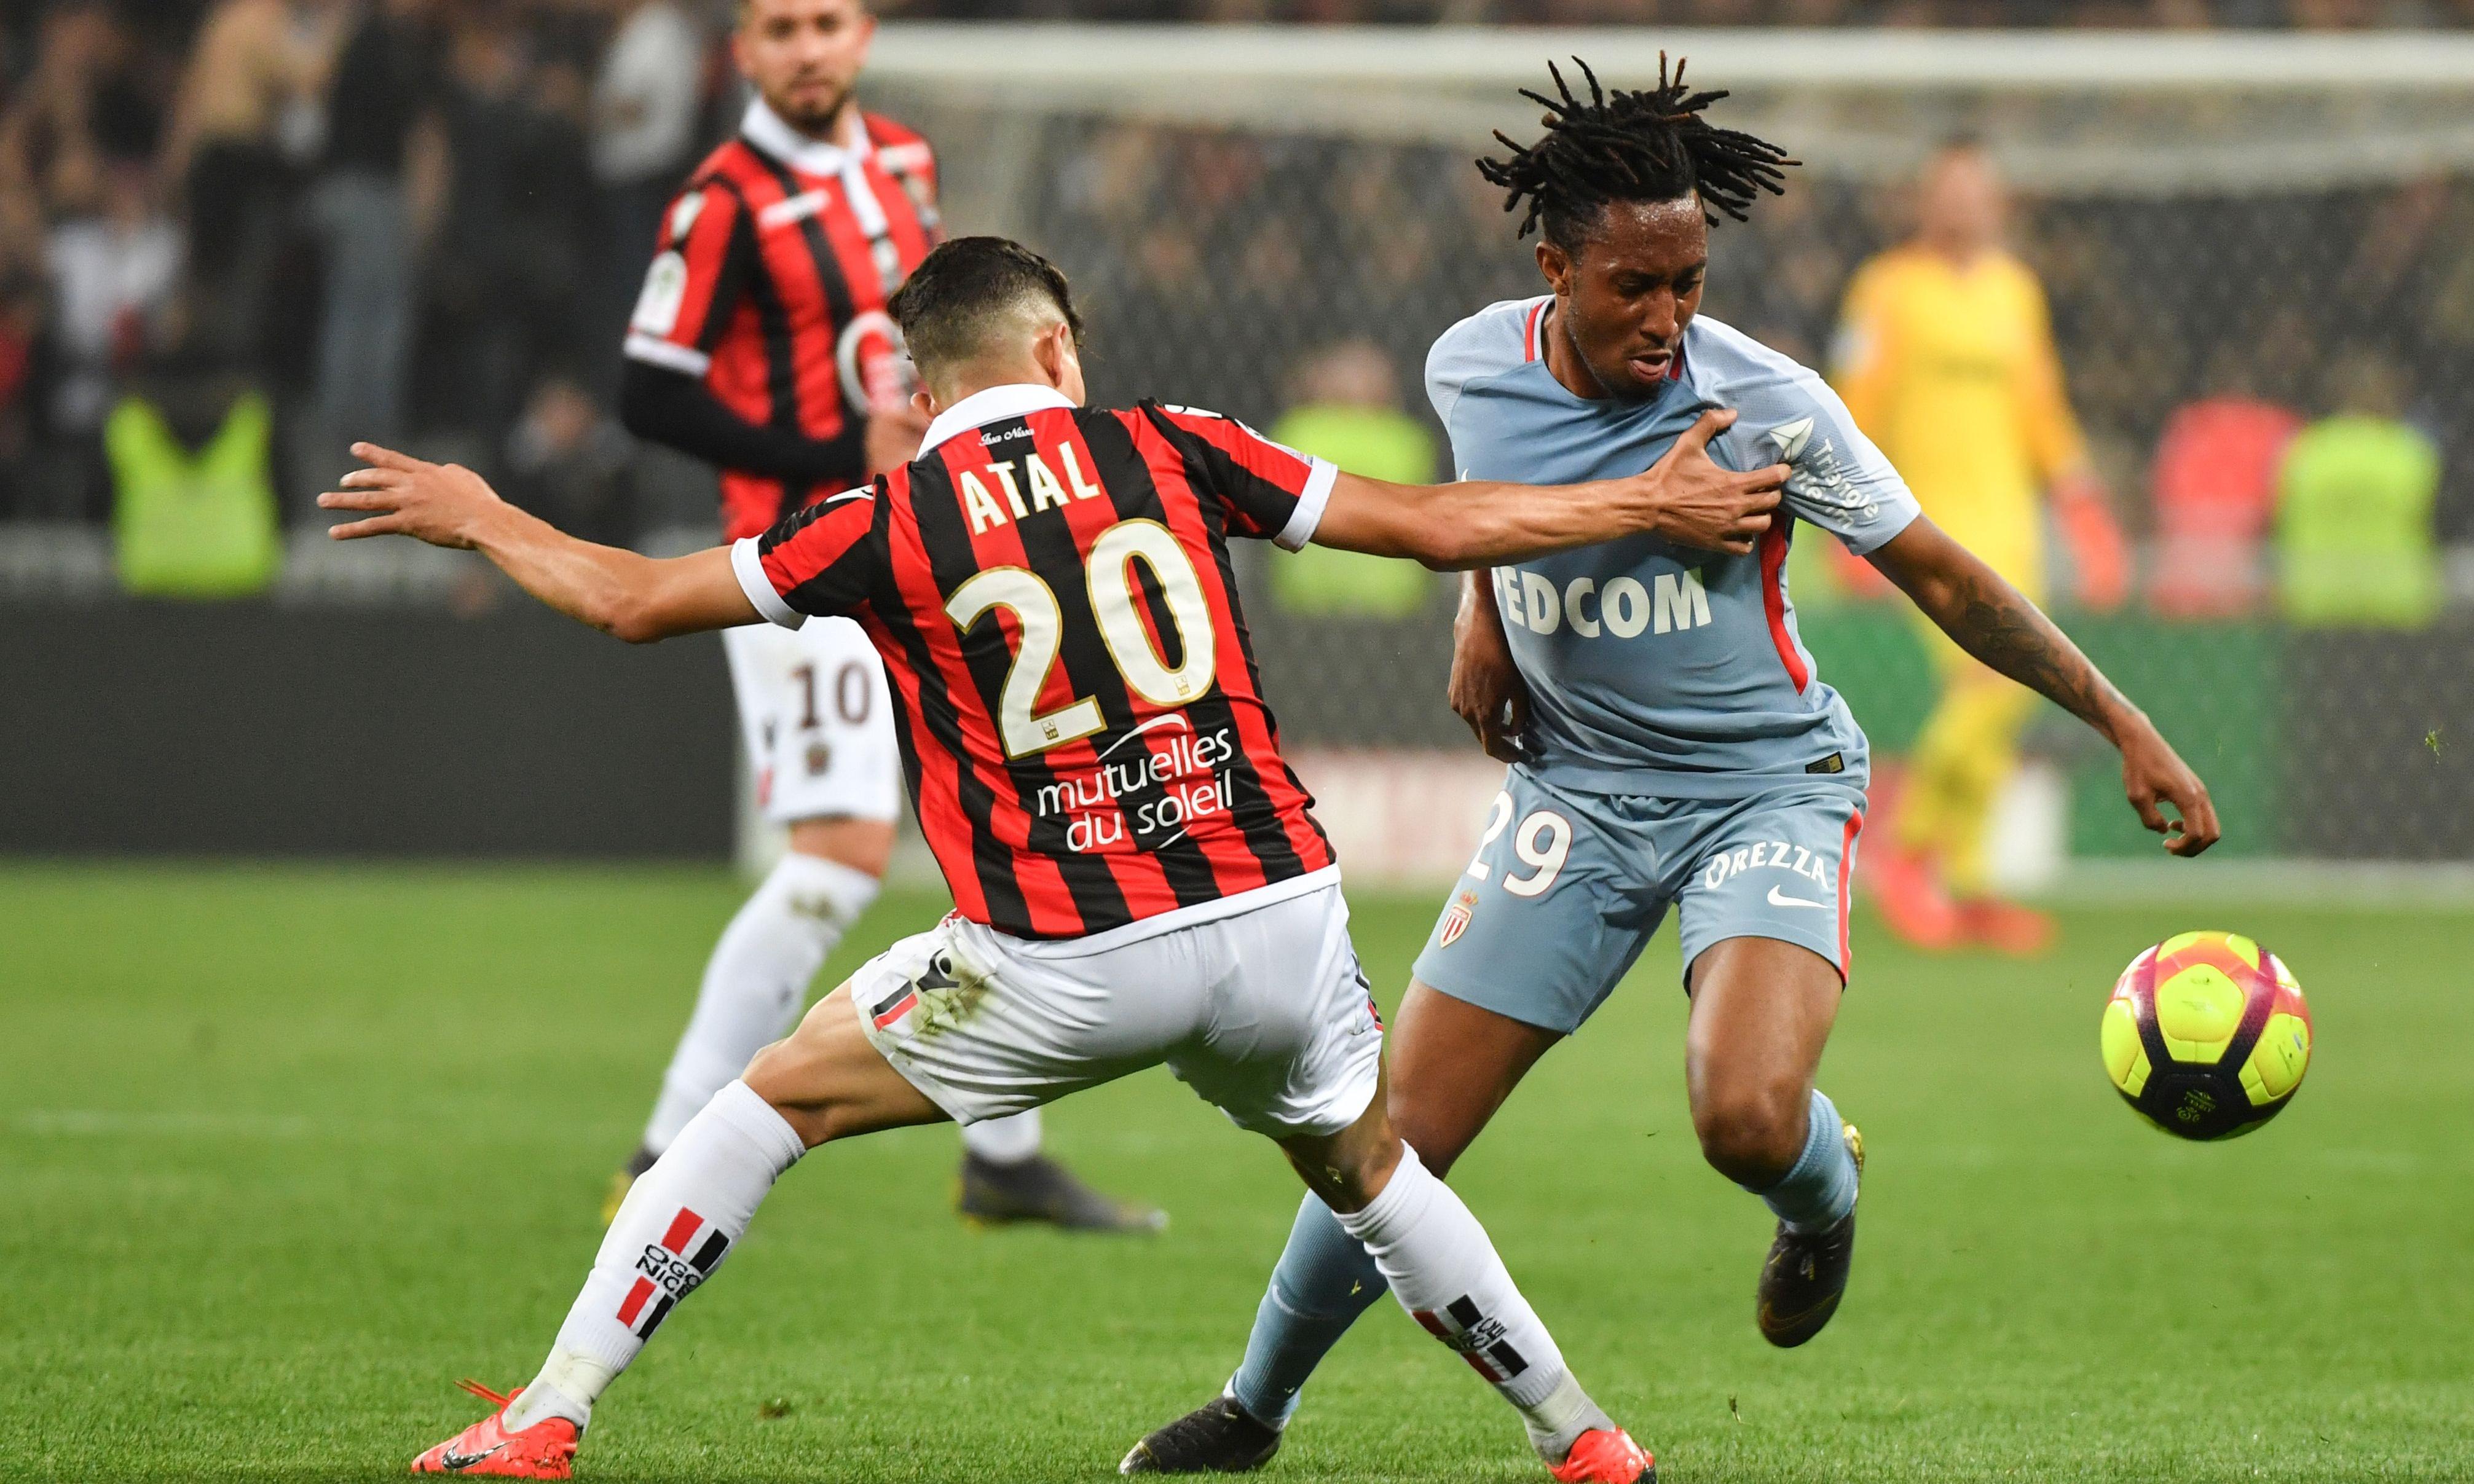 Monaco scrape Ligue 1 survival on final day as PSG slump to Reims defeat